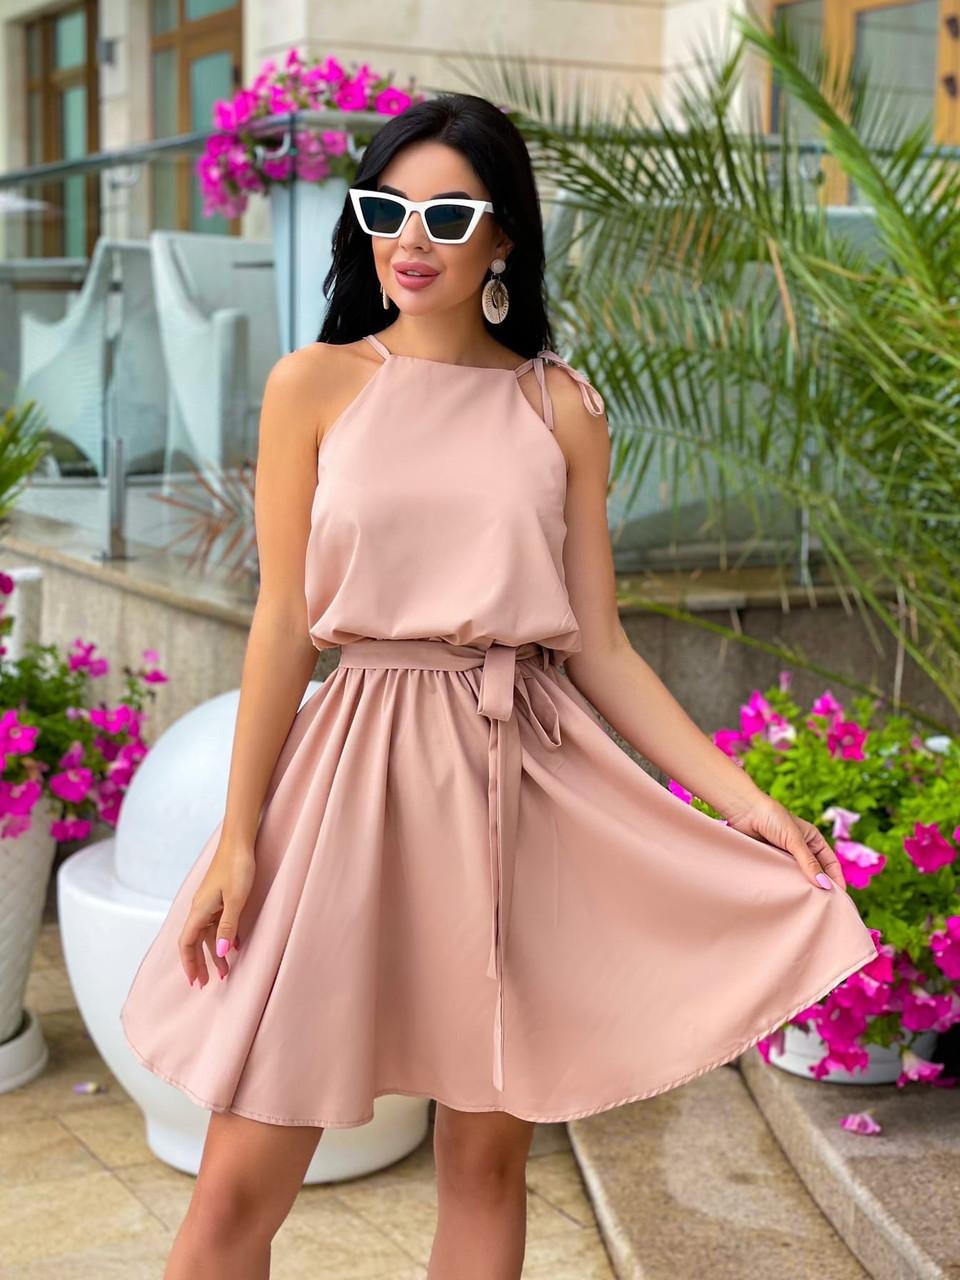 Літнє стильне плаття, талія на резинці і з поясом